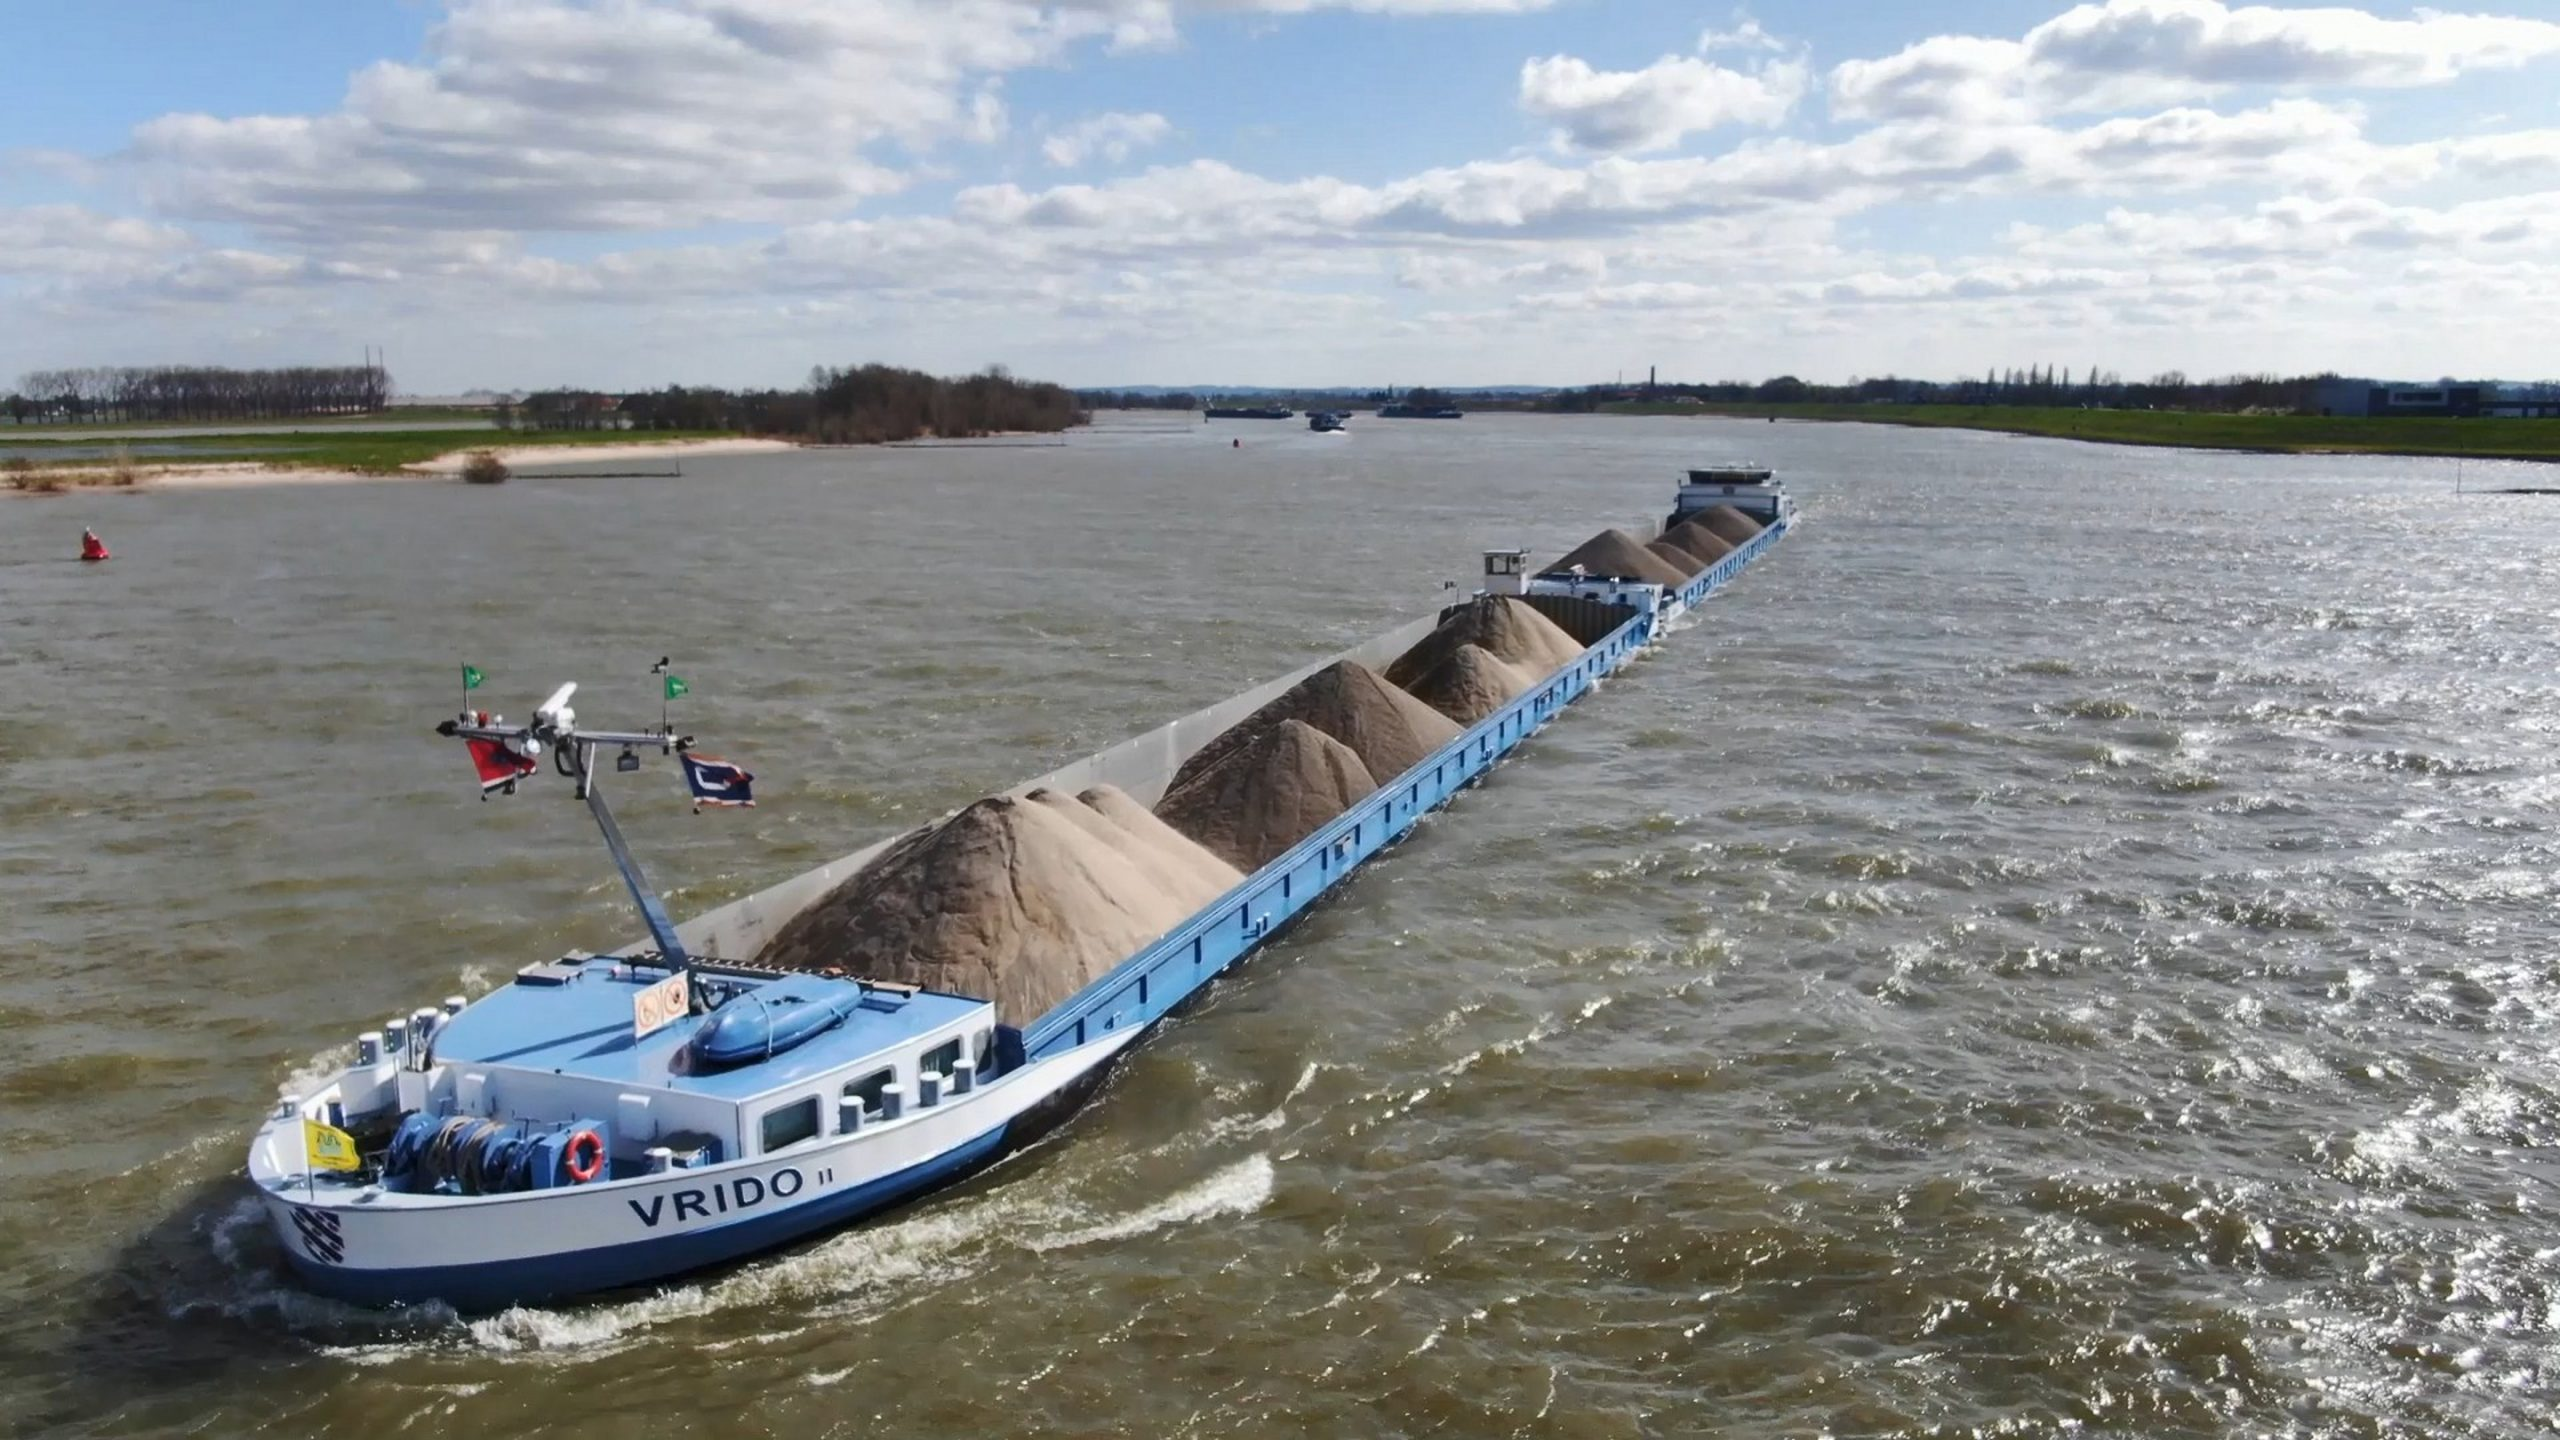 Masselink interesseert zich in alles wat over het water glijdt. (Foto Eddy Masselink)